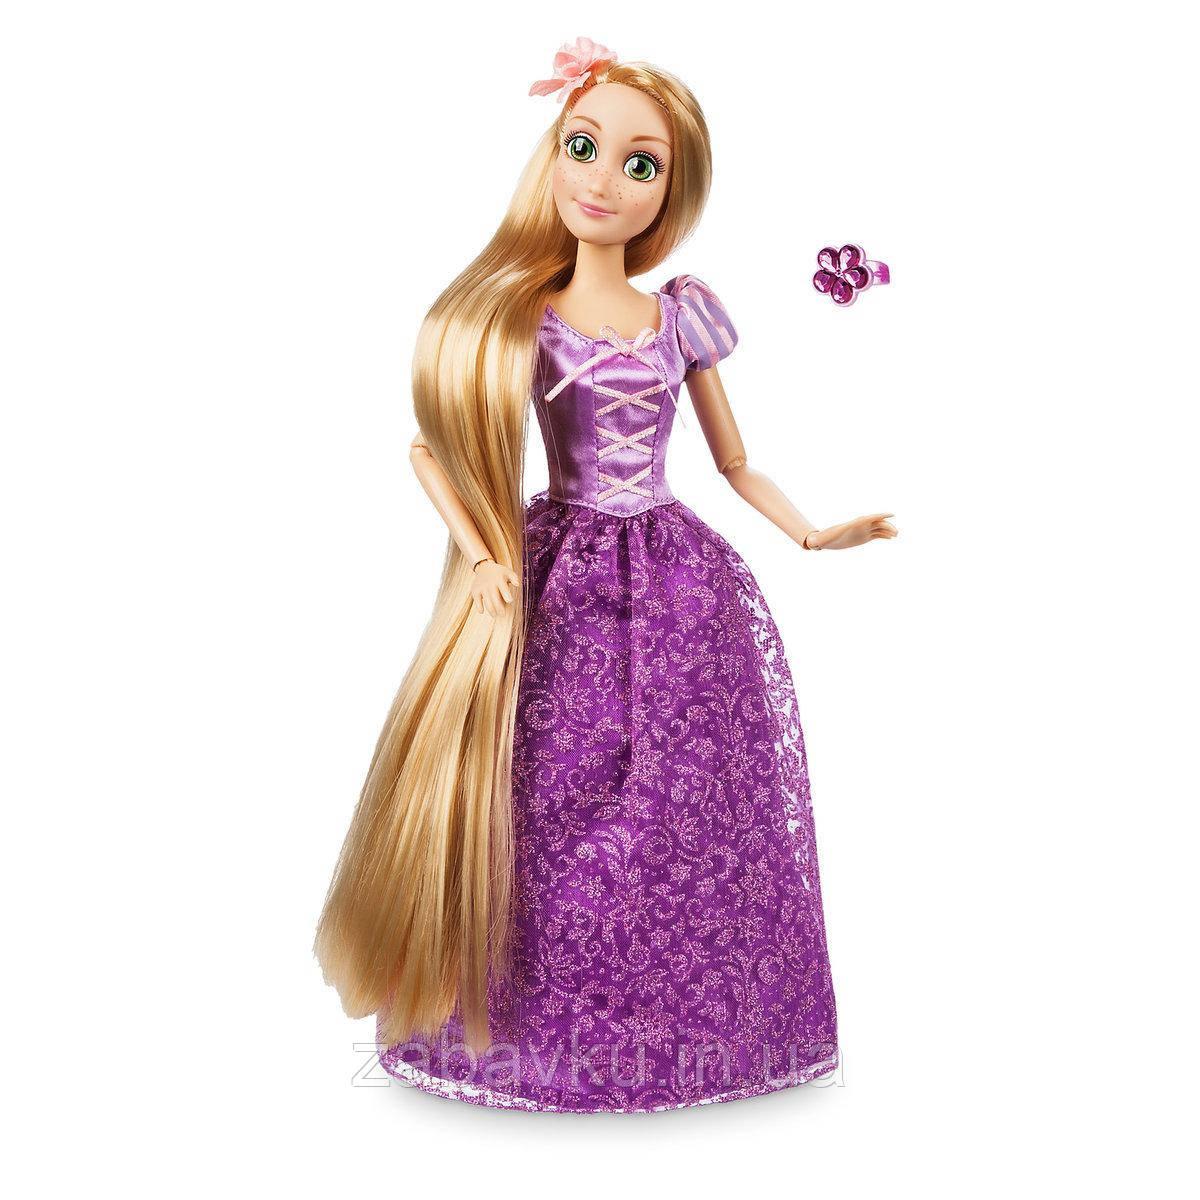 Принцеса Рапунцель - класичні принцеси Дісней